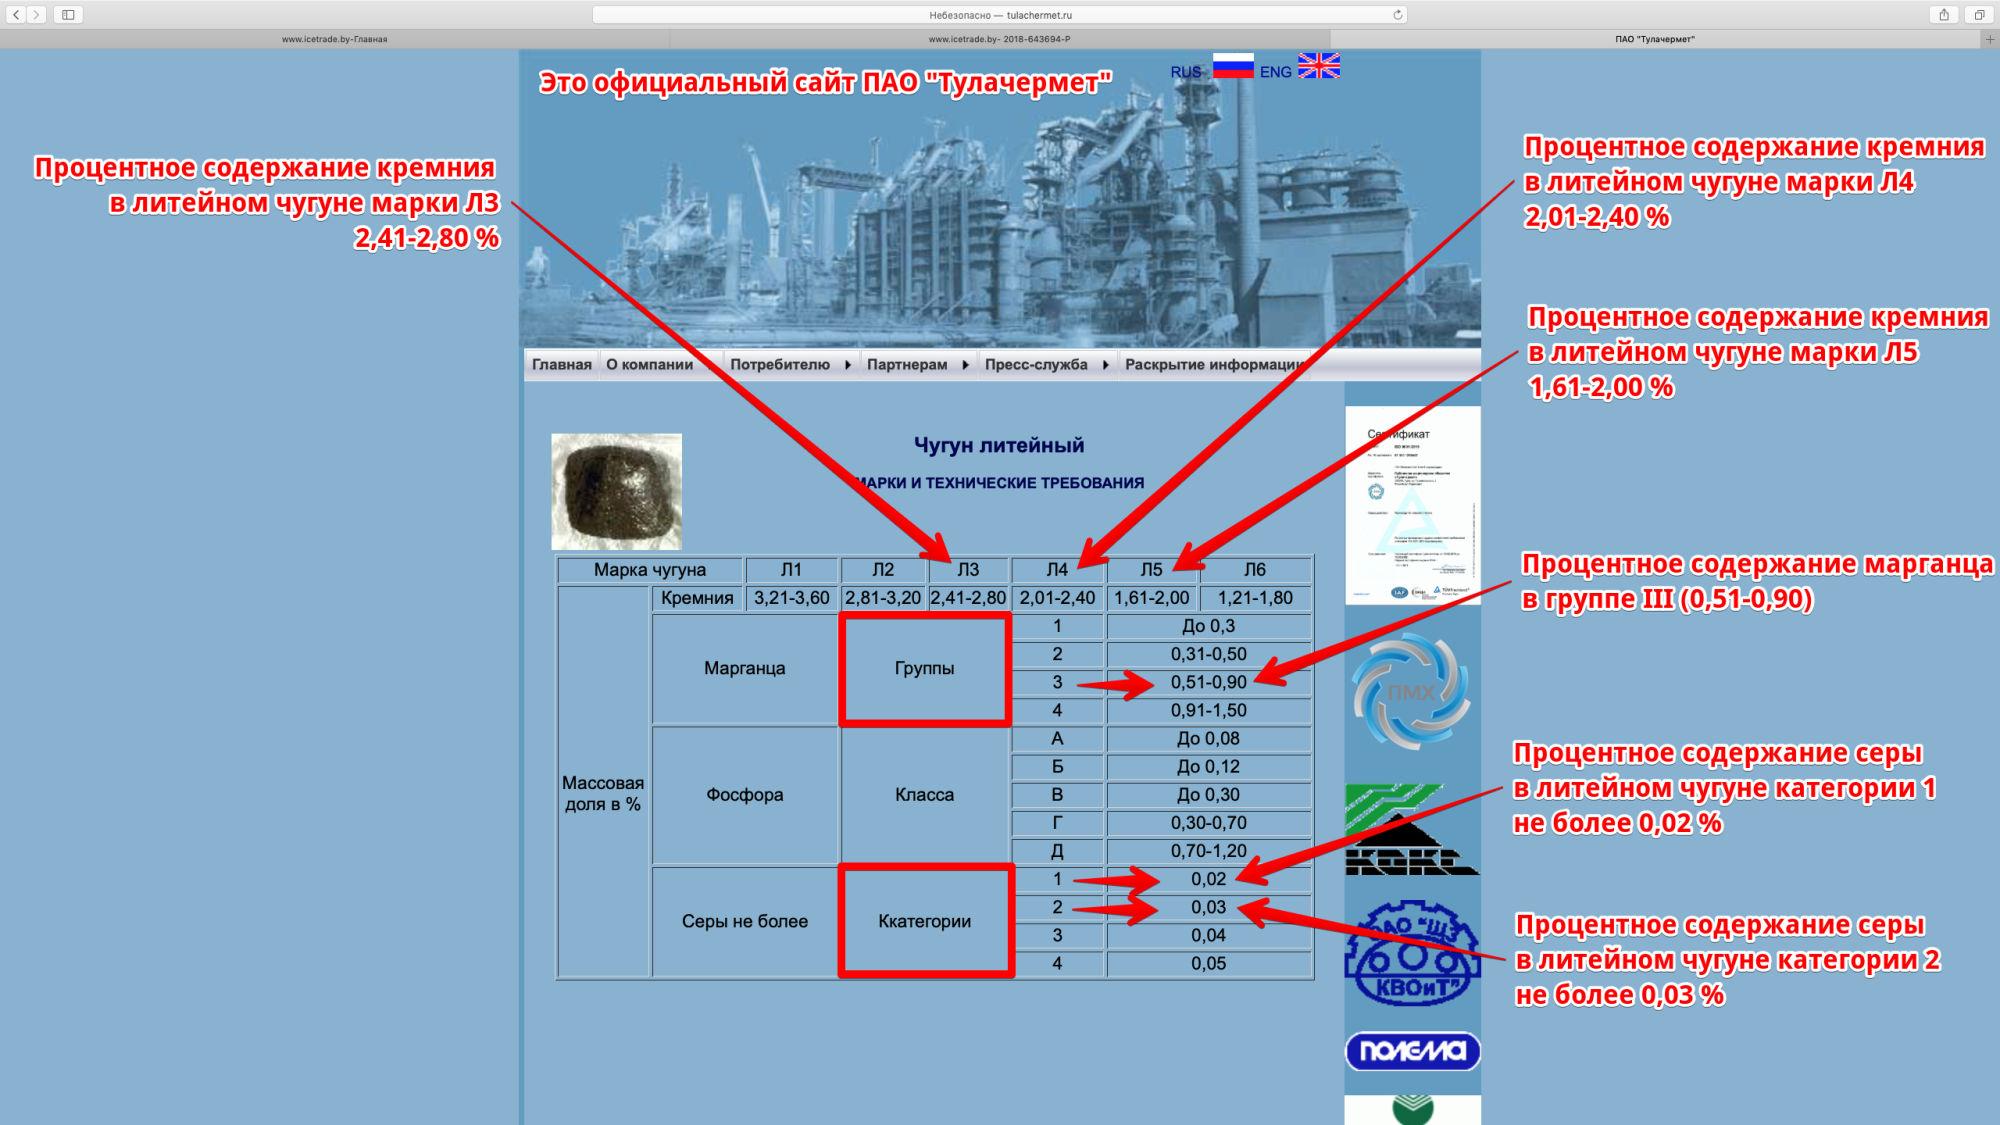 image_f835e6d1171673f0c5ba98796d8a995f.jpeg